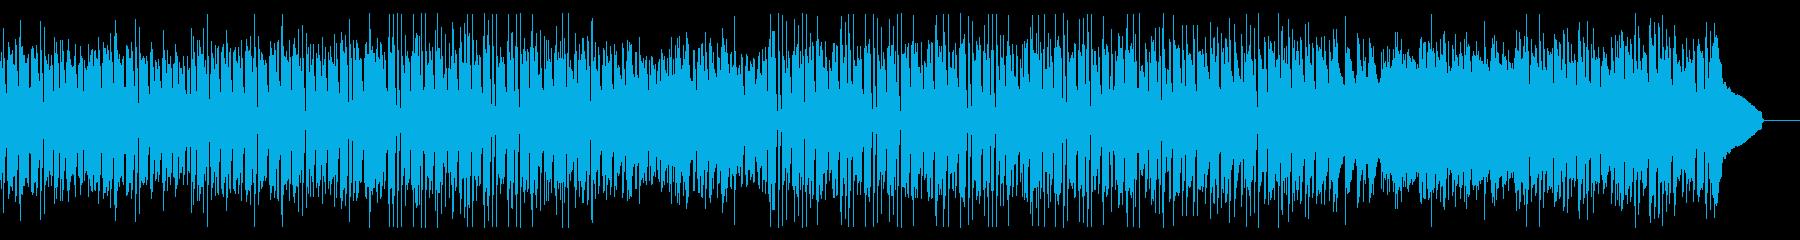 【ドラム抜】旅番組向け明るい和楽器ジャズの再生済みの波形